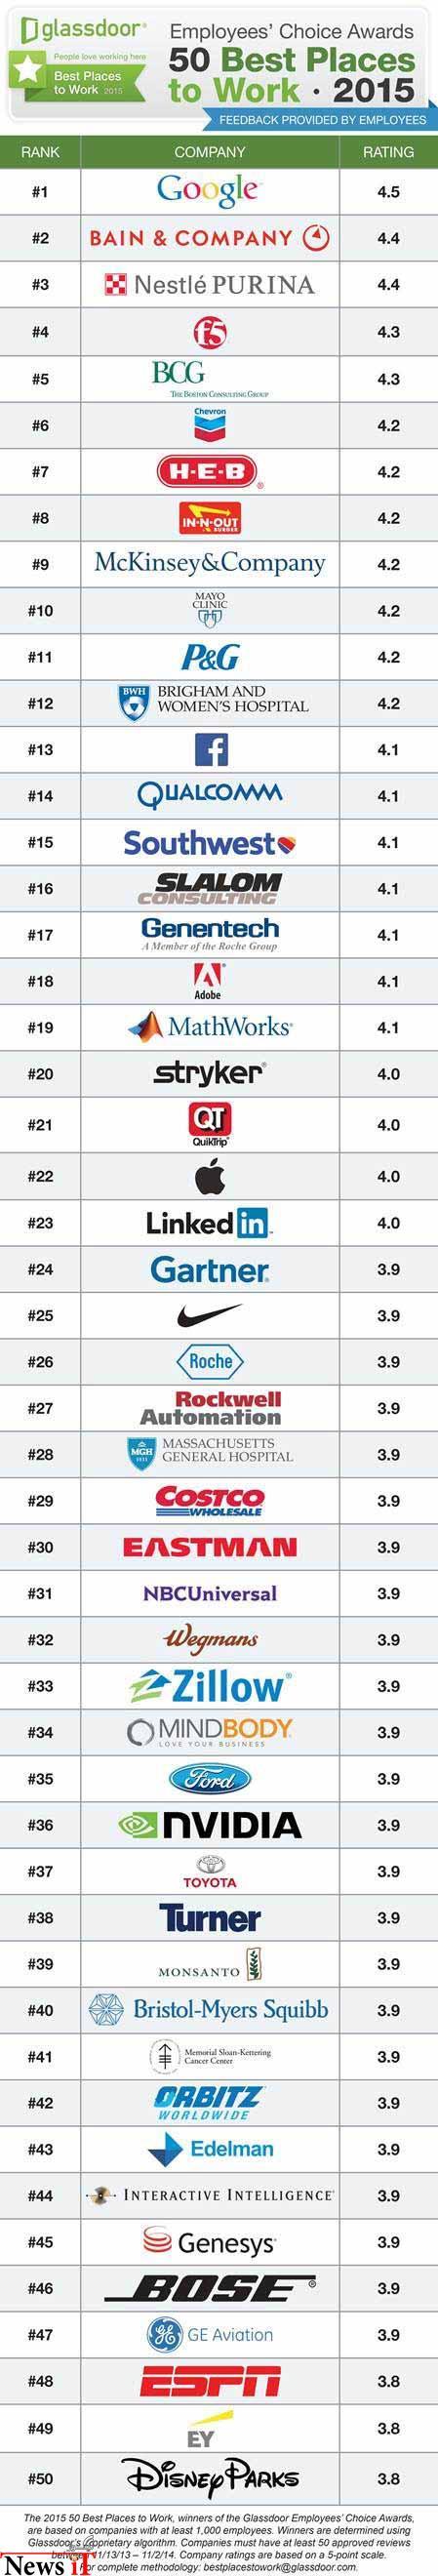 ده کمپانی برتر برای کار در سال 2015